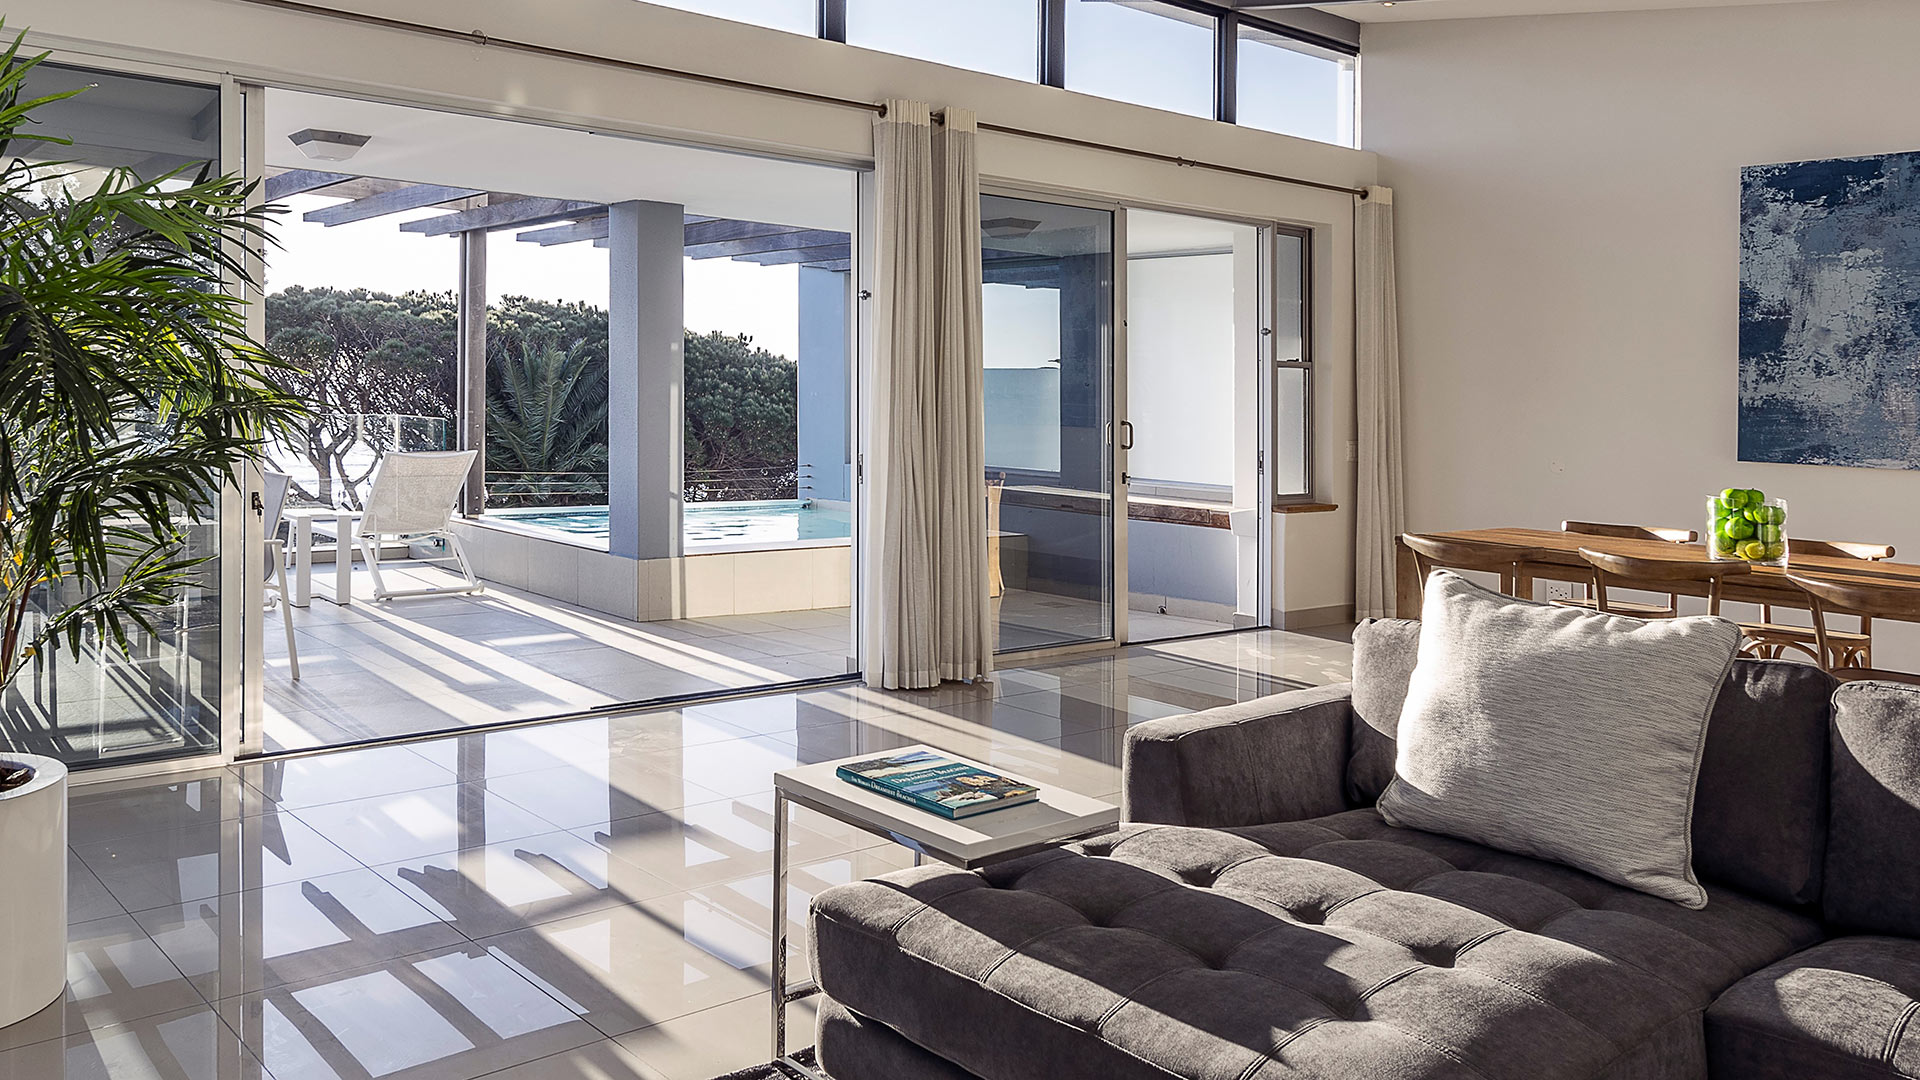 blue-views-villas-penthouse-4-11